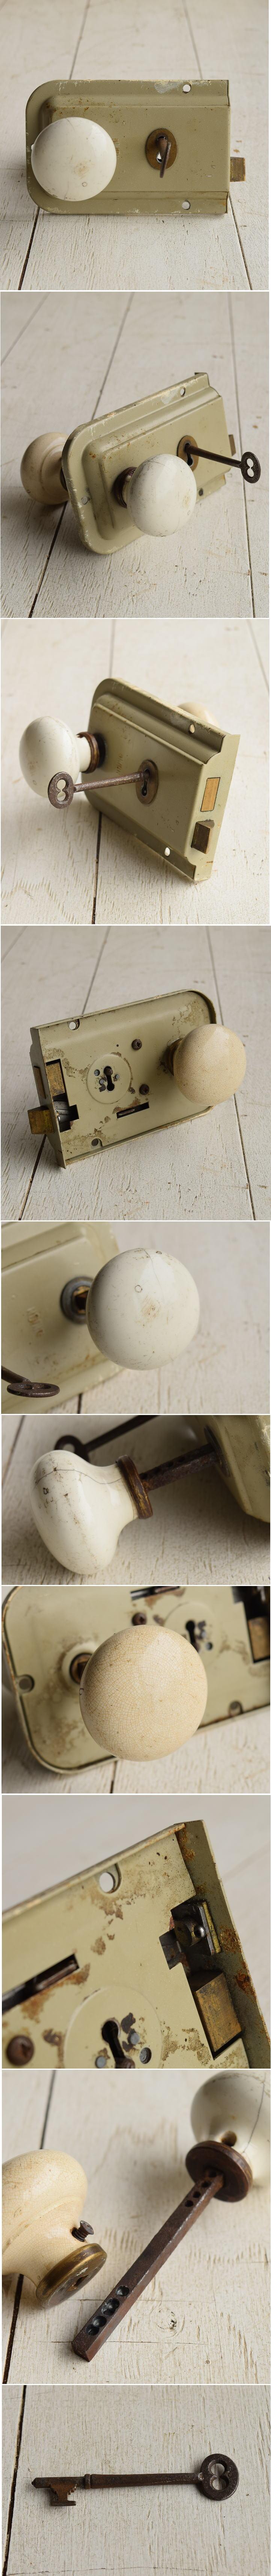 イギリス アンティーク ラッチ&ドアノブ 建具金物 7189